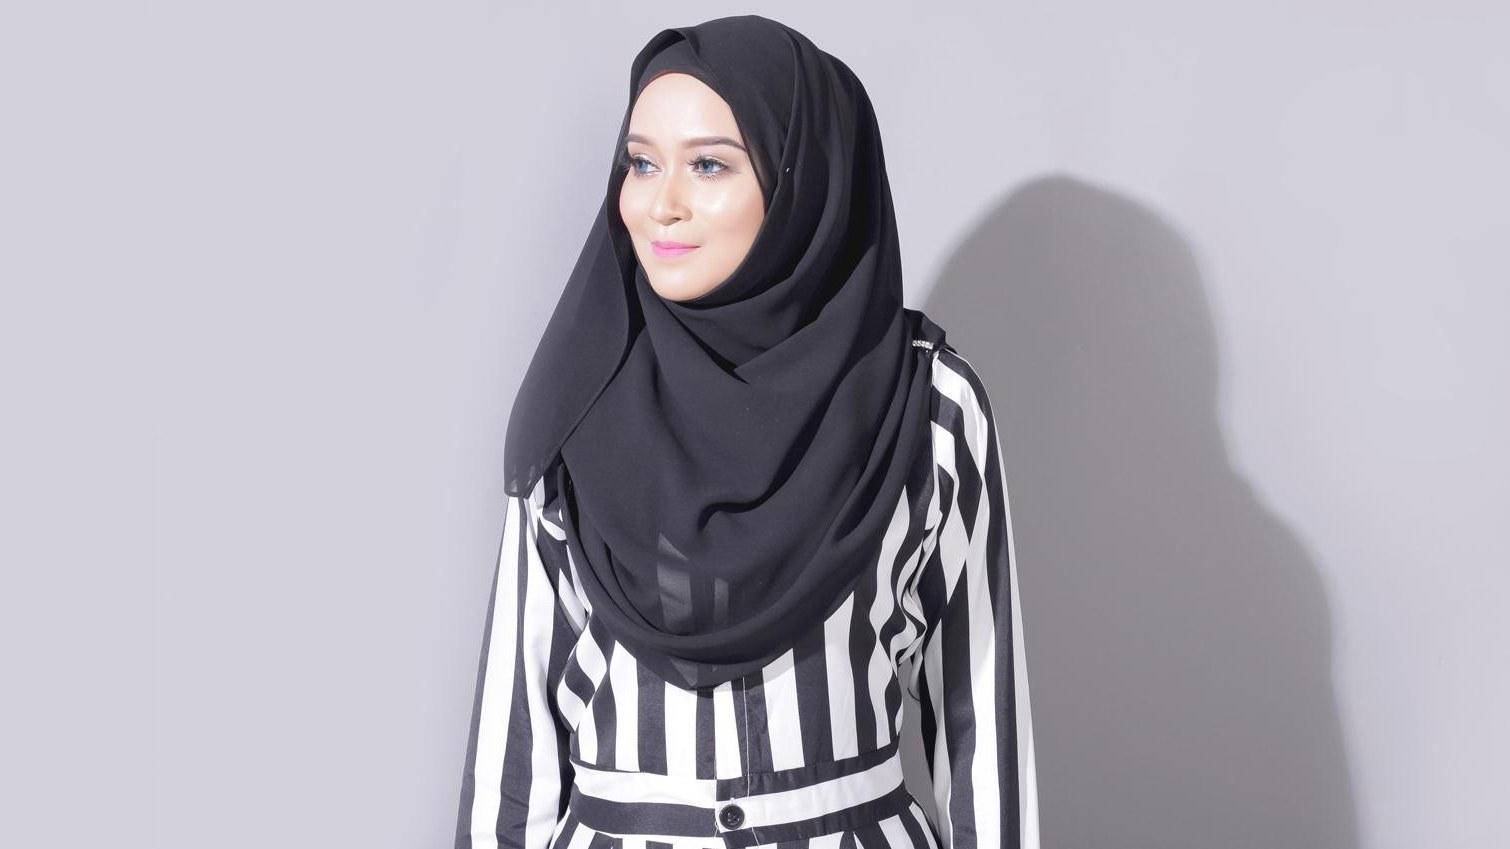 Ide Baju Lebaran Untuk orang Tua Ftd8 Baju Lebaran Untuk orang Tua Gambar islami